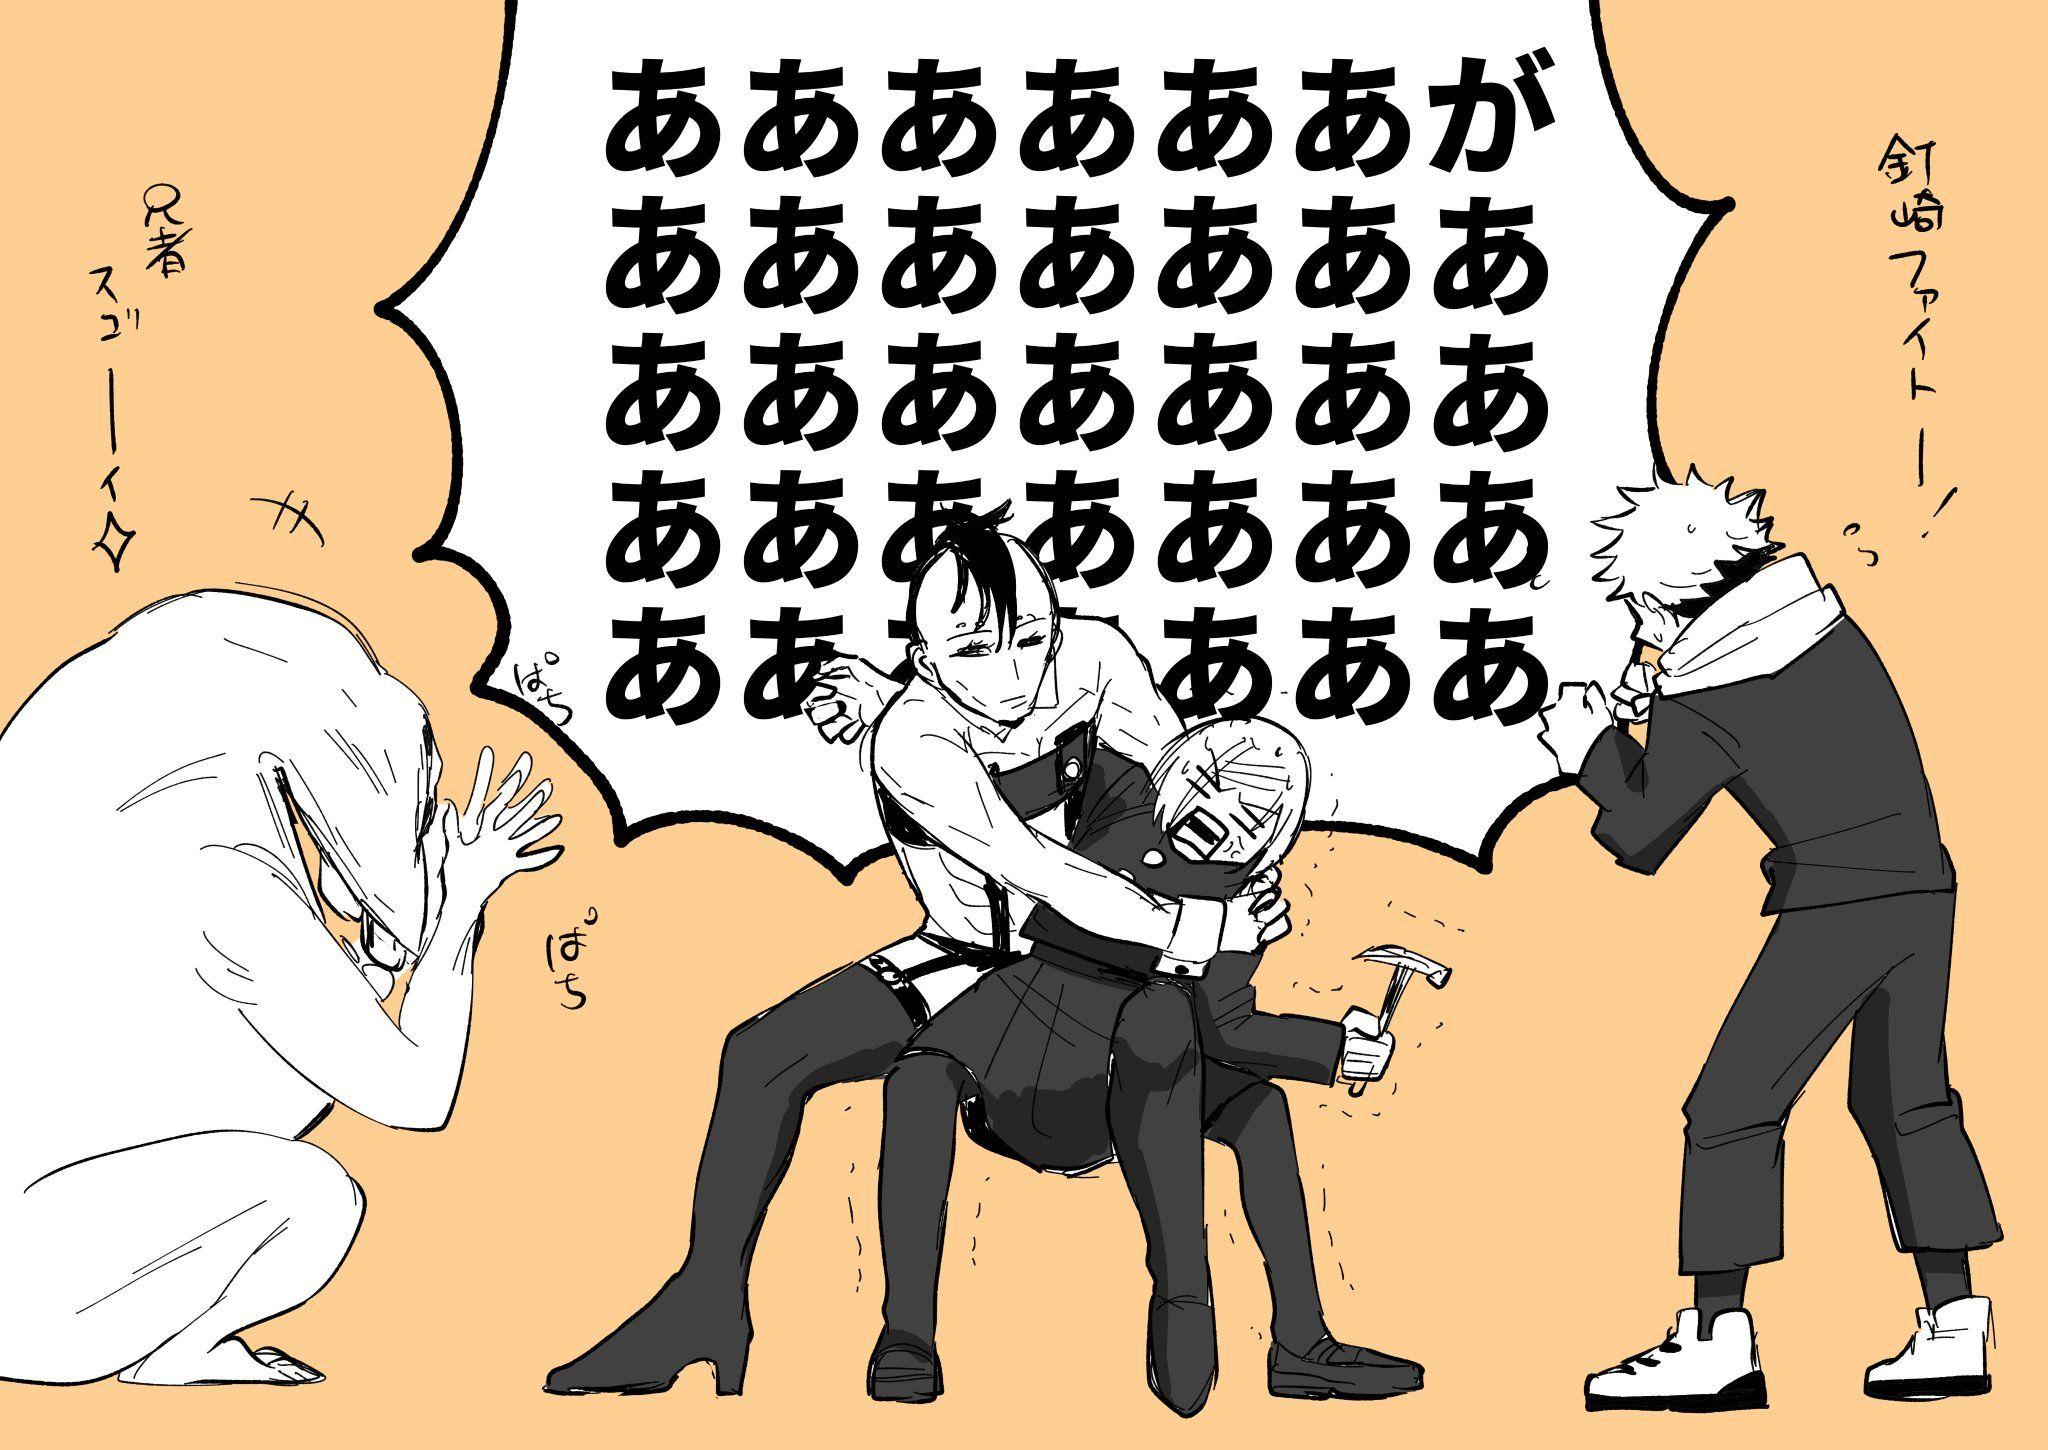 みねお on Twitter in 2020 | Jujutsu, Pics, Memes